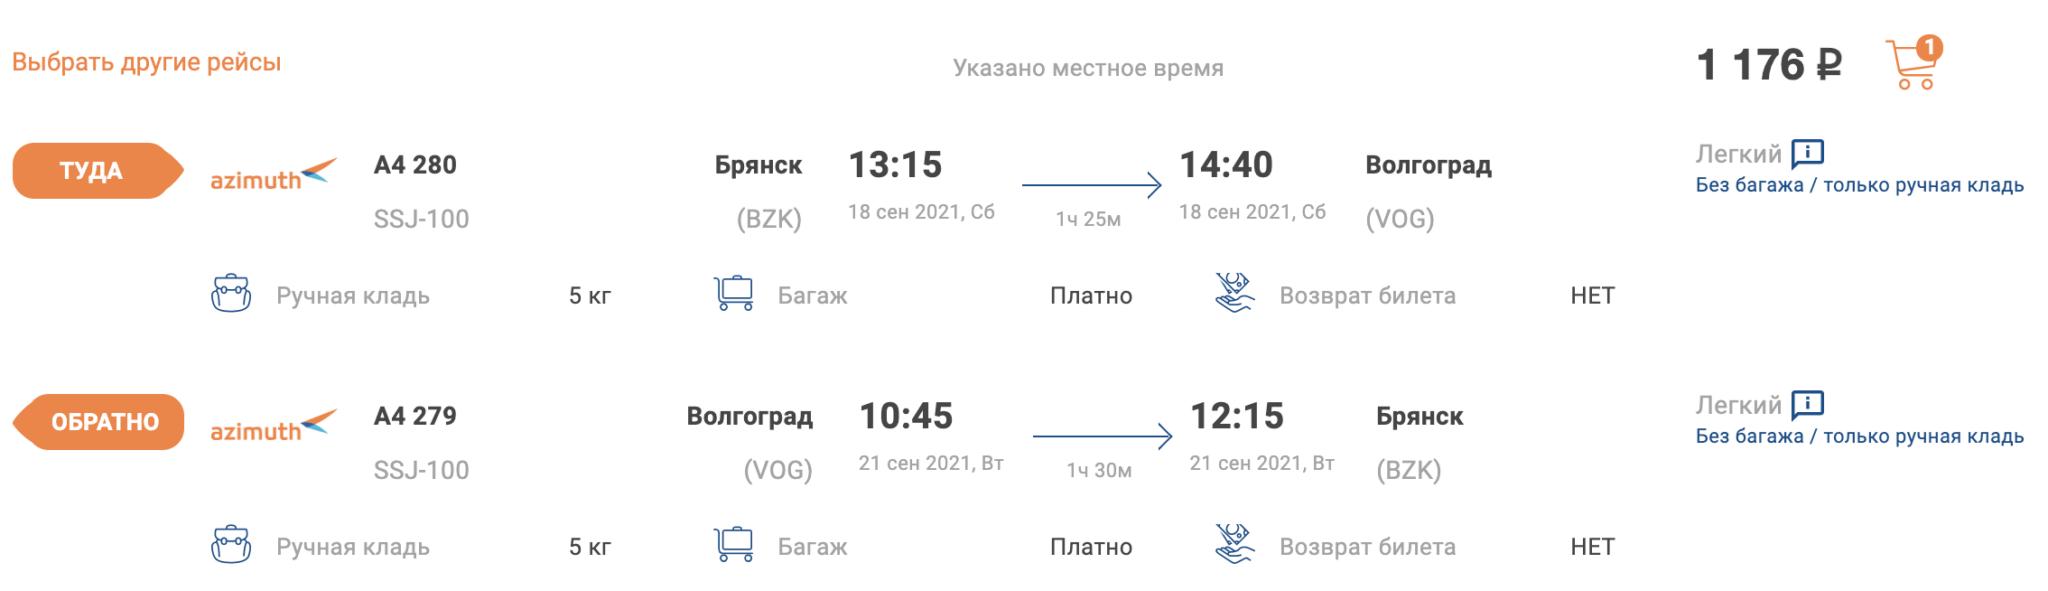 В сентябре! Дешевые рейсы из Брянска в Ростов и Волгоград за 1200₽ туда-обратно (по промокоду)